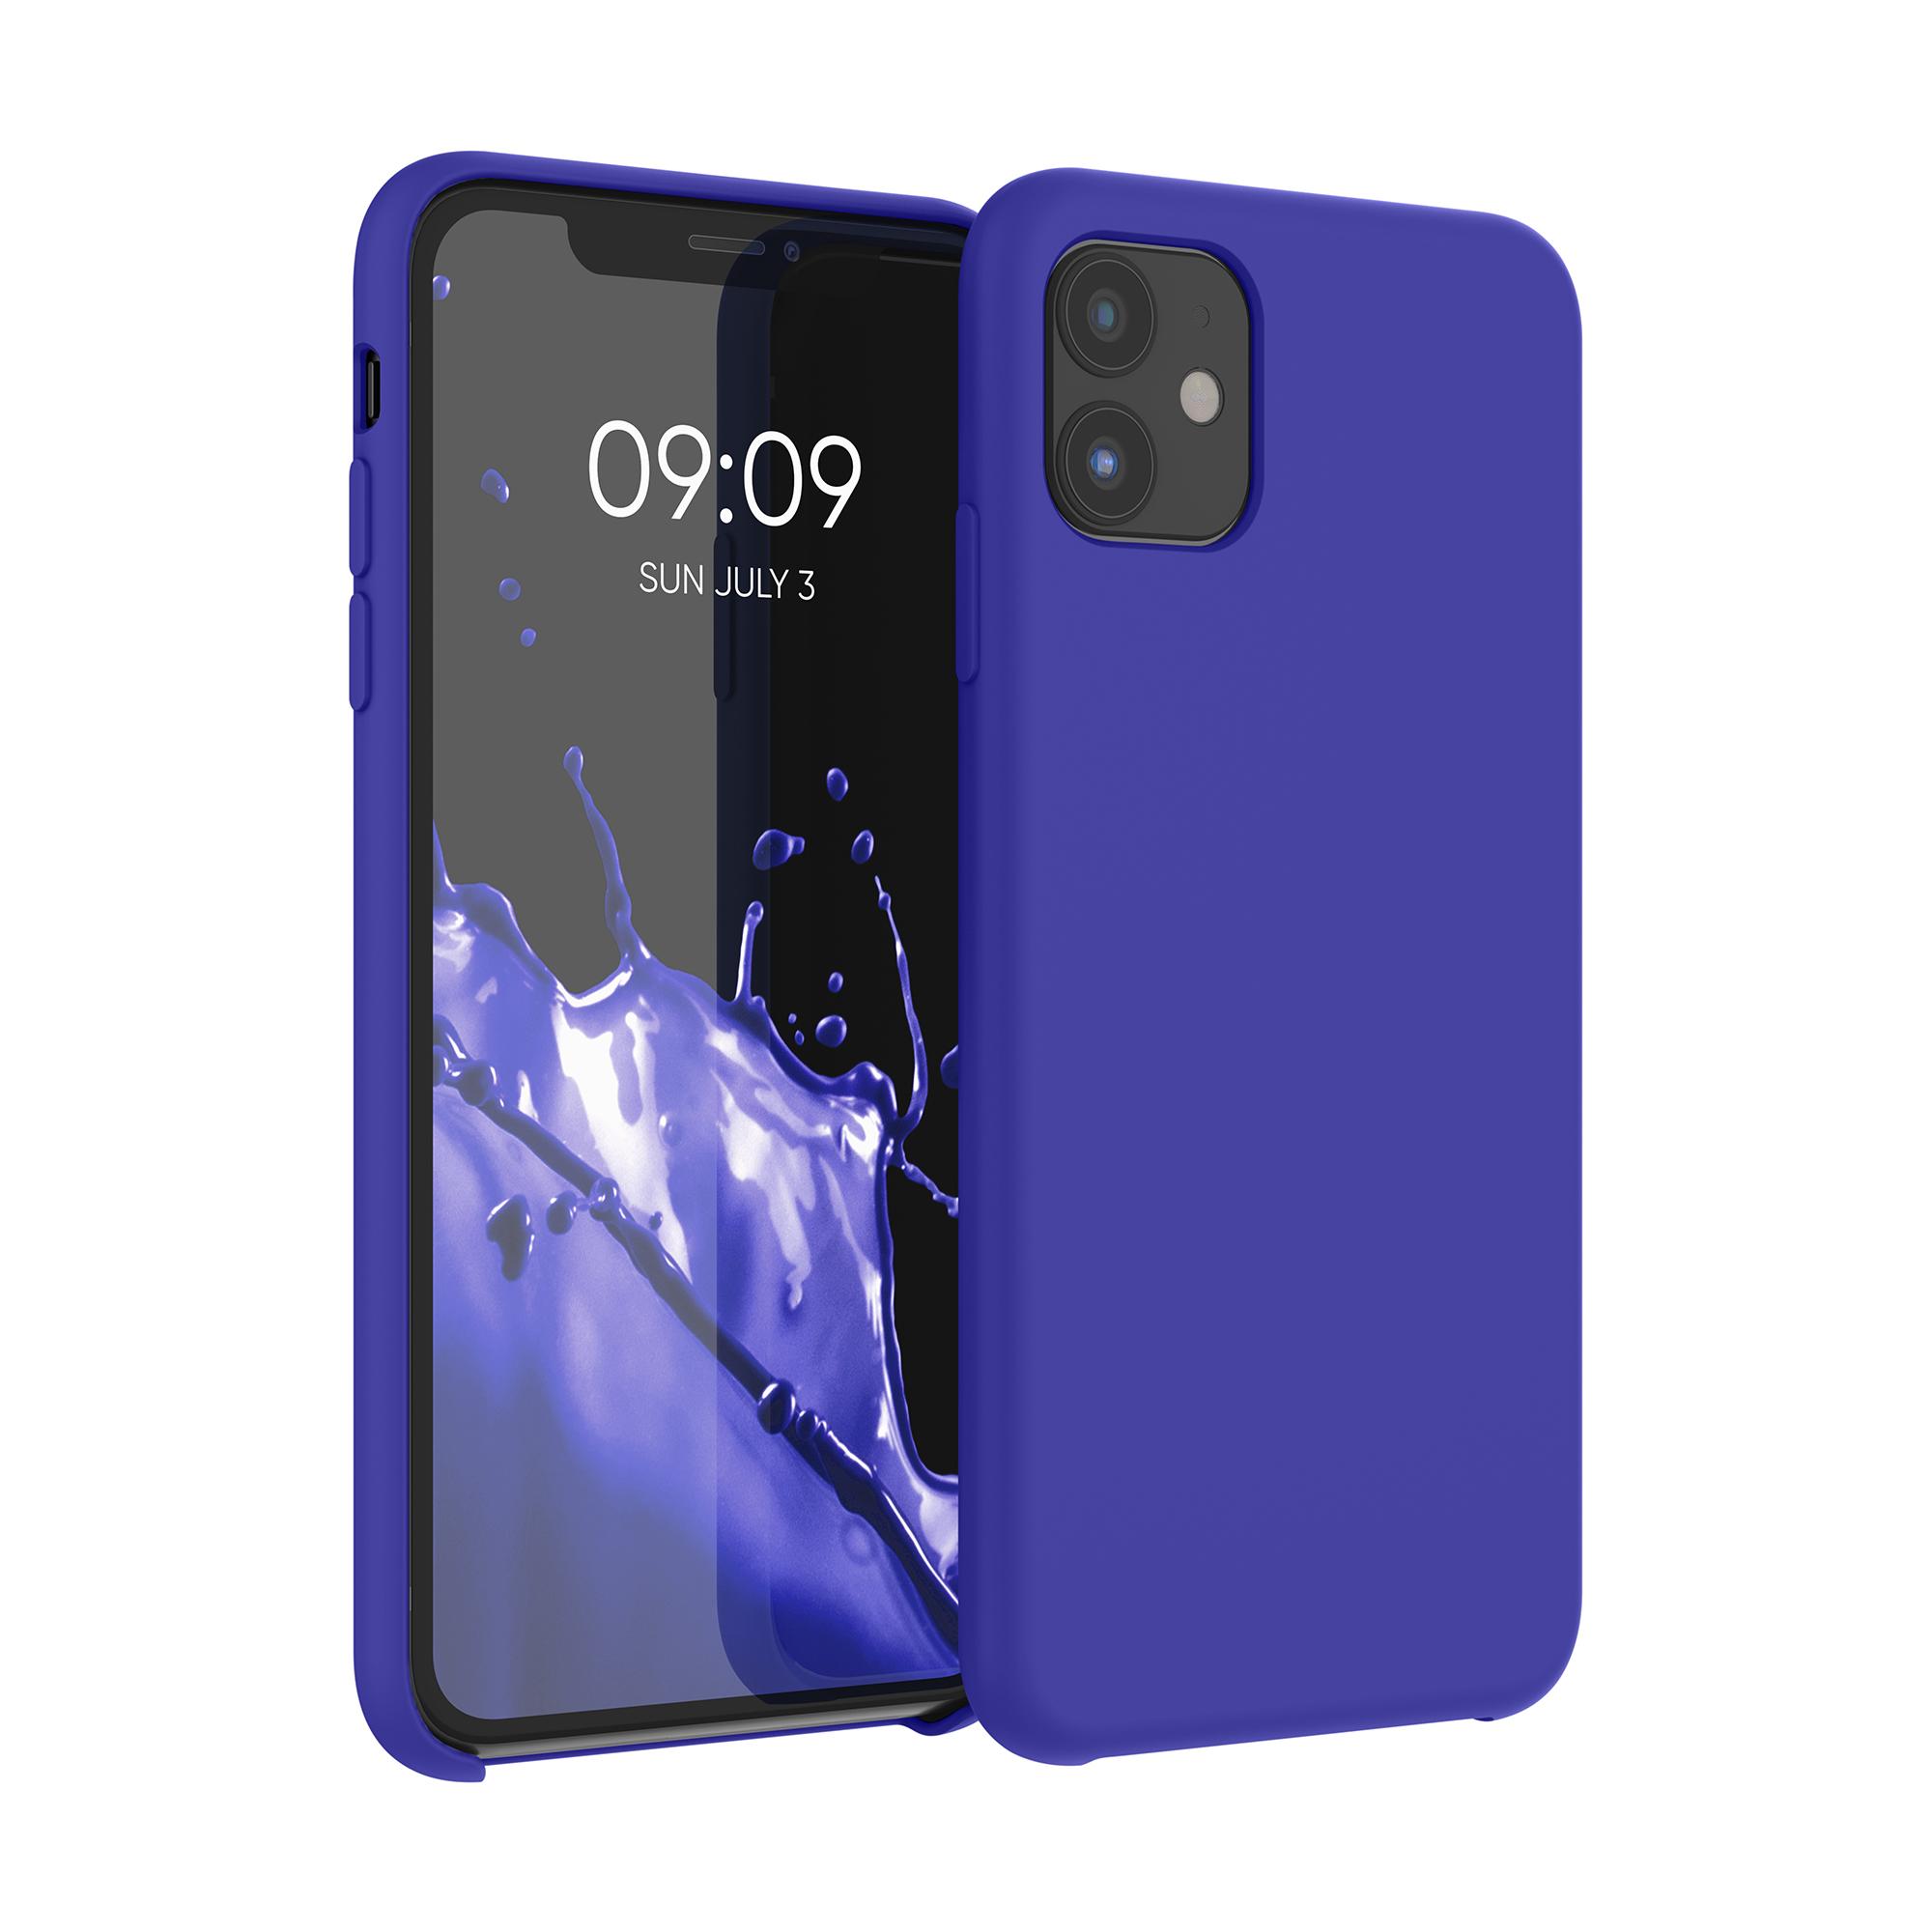 Kvalitní silikonové TPU pouzdro pro Apple iPhone 11 - Královská modrá